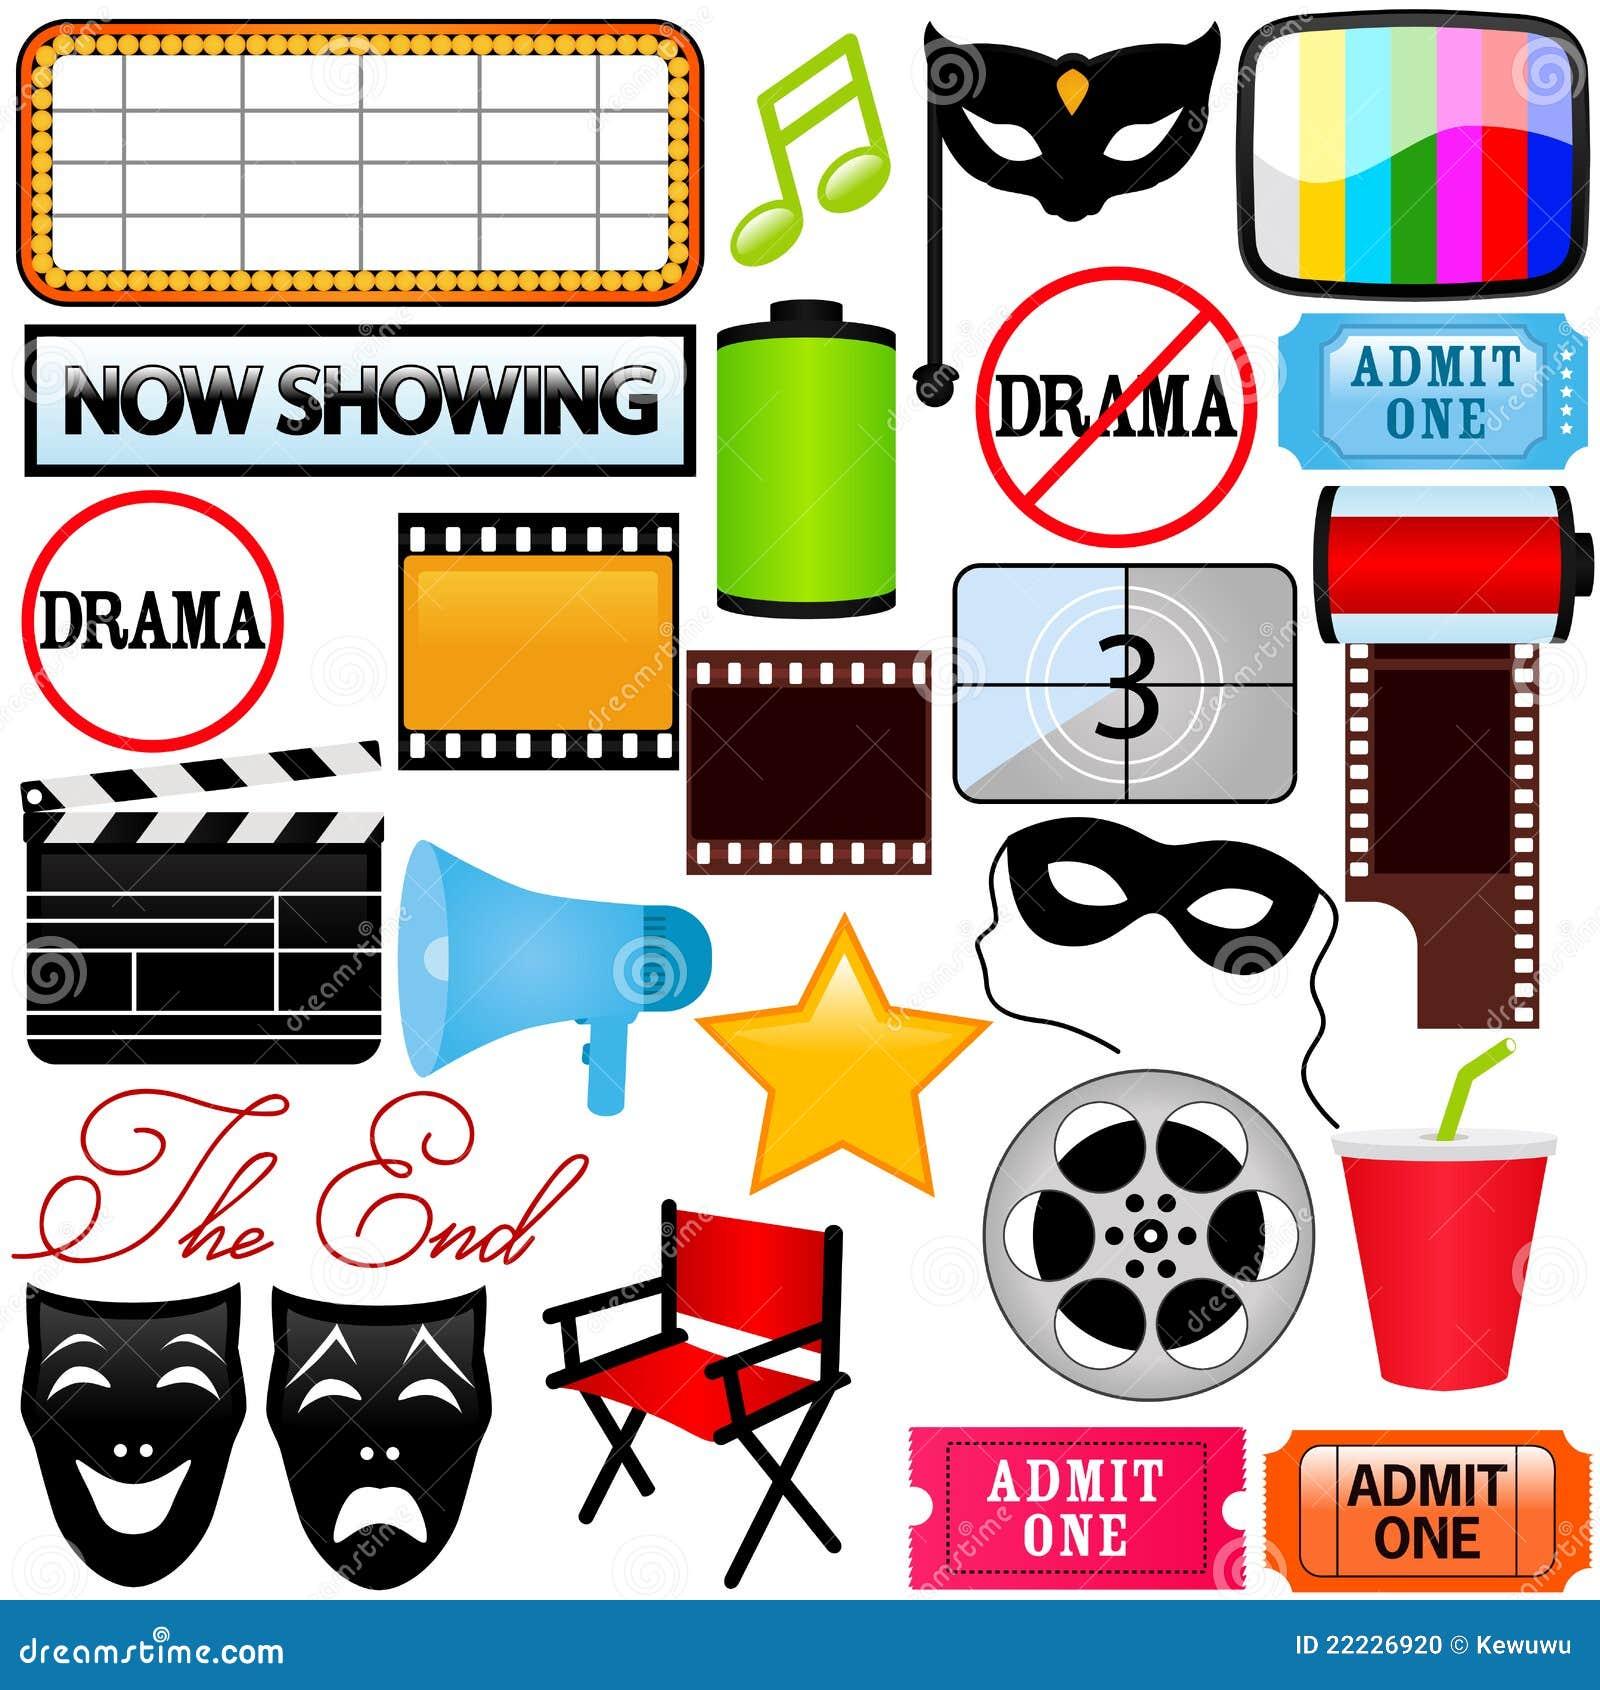 Icone di vettore: Dramma, intrattenimento, pellicola, film